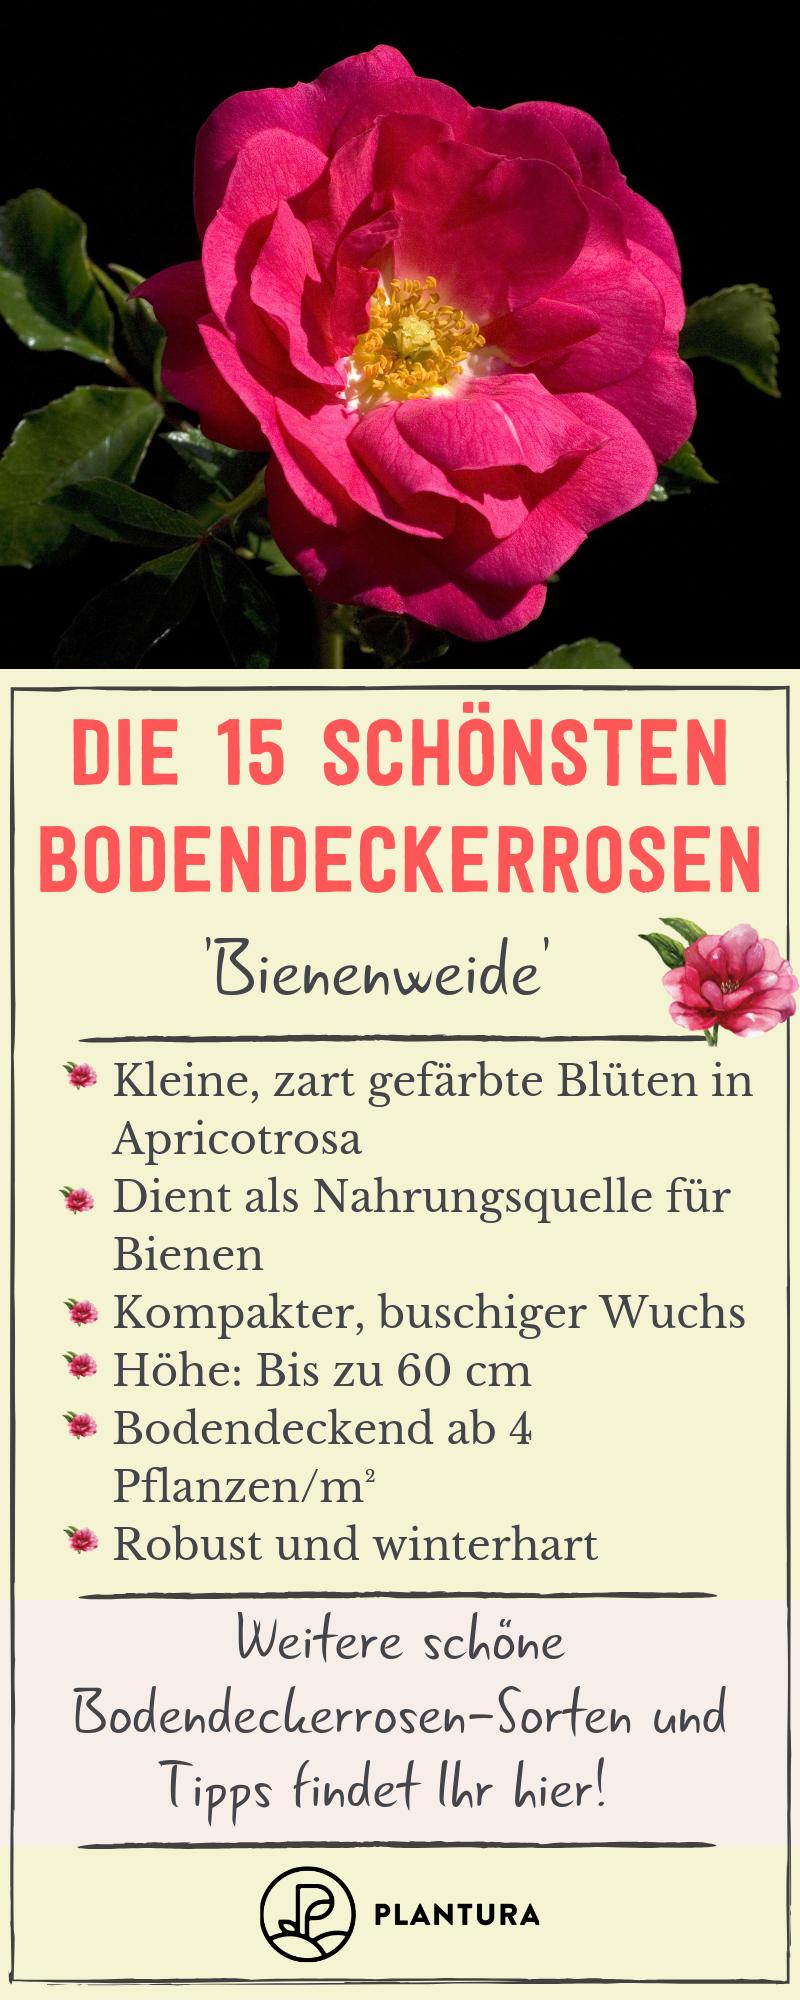 Bodendeckerrosen Sorten Unsere Top 15 Plantura Bodendeckerrosen Pflanzen Rosensorten